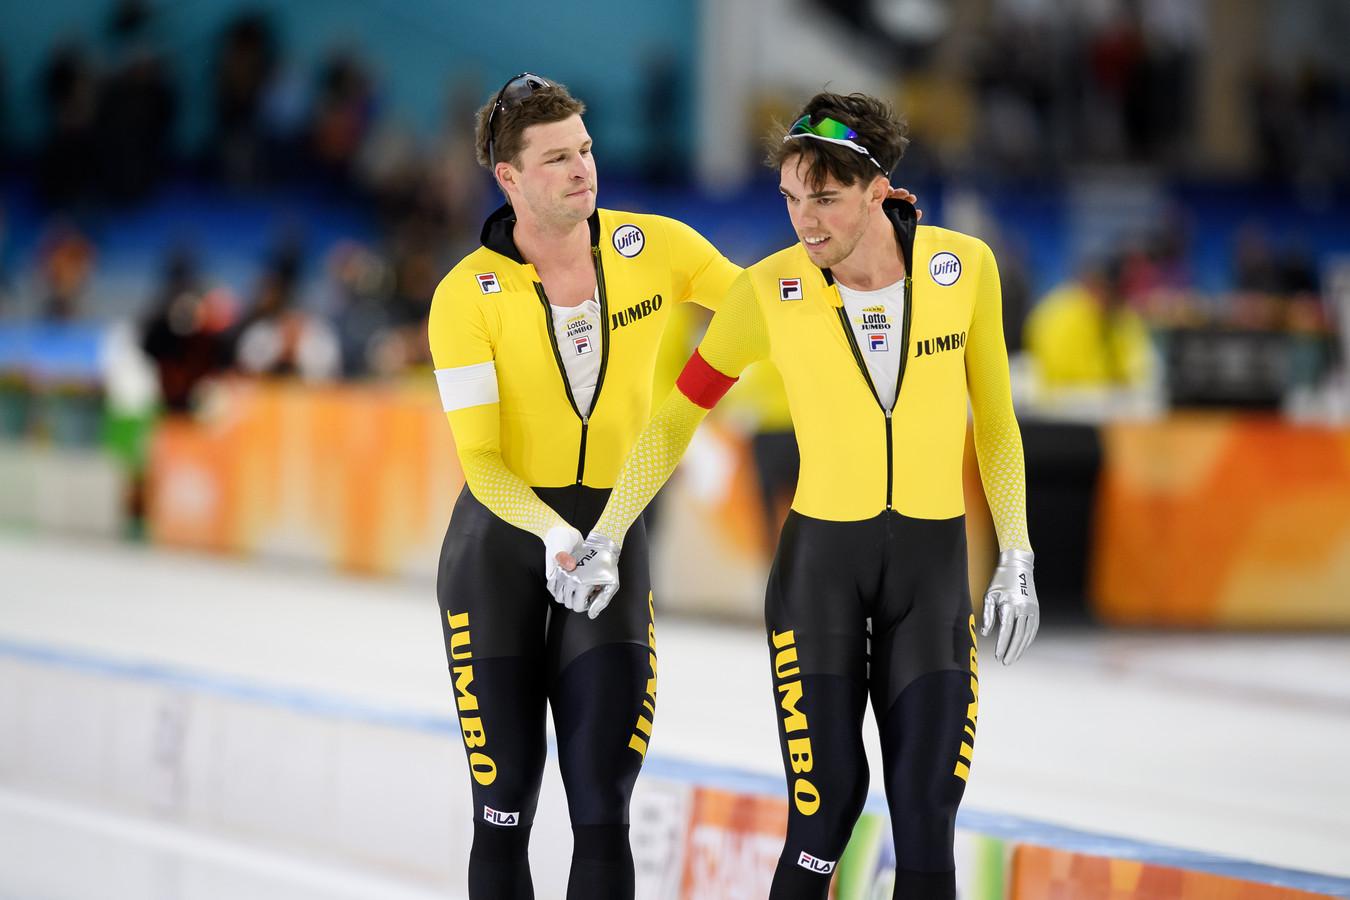 Sven Kramer feliciteert Patrick Roest na diens winst op de 5000m tijdens het World Cup Kwalificatie Toernooi